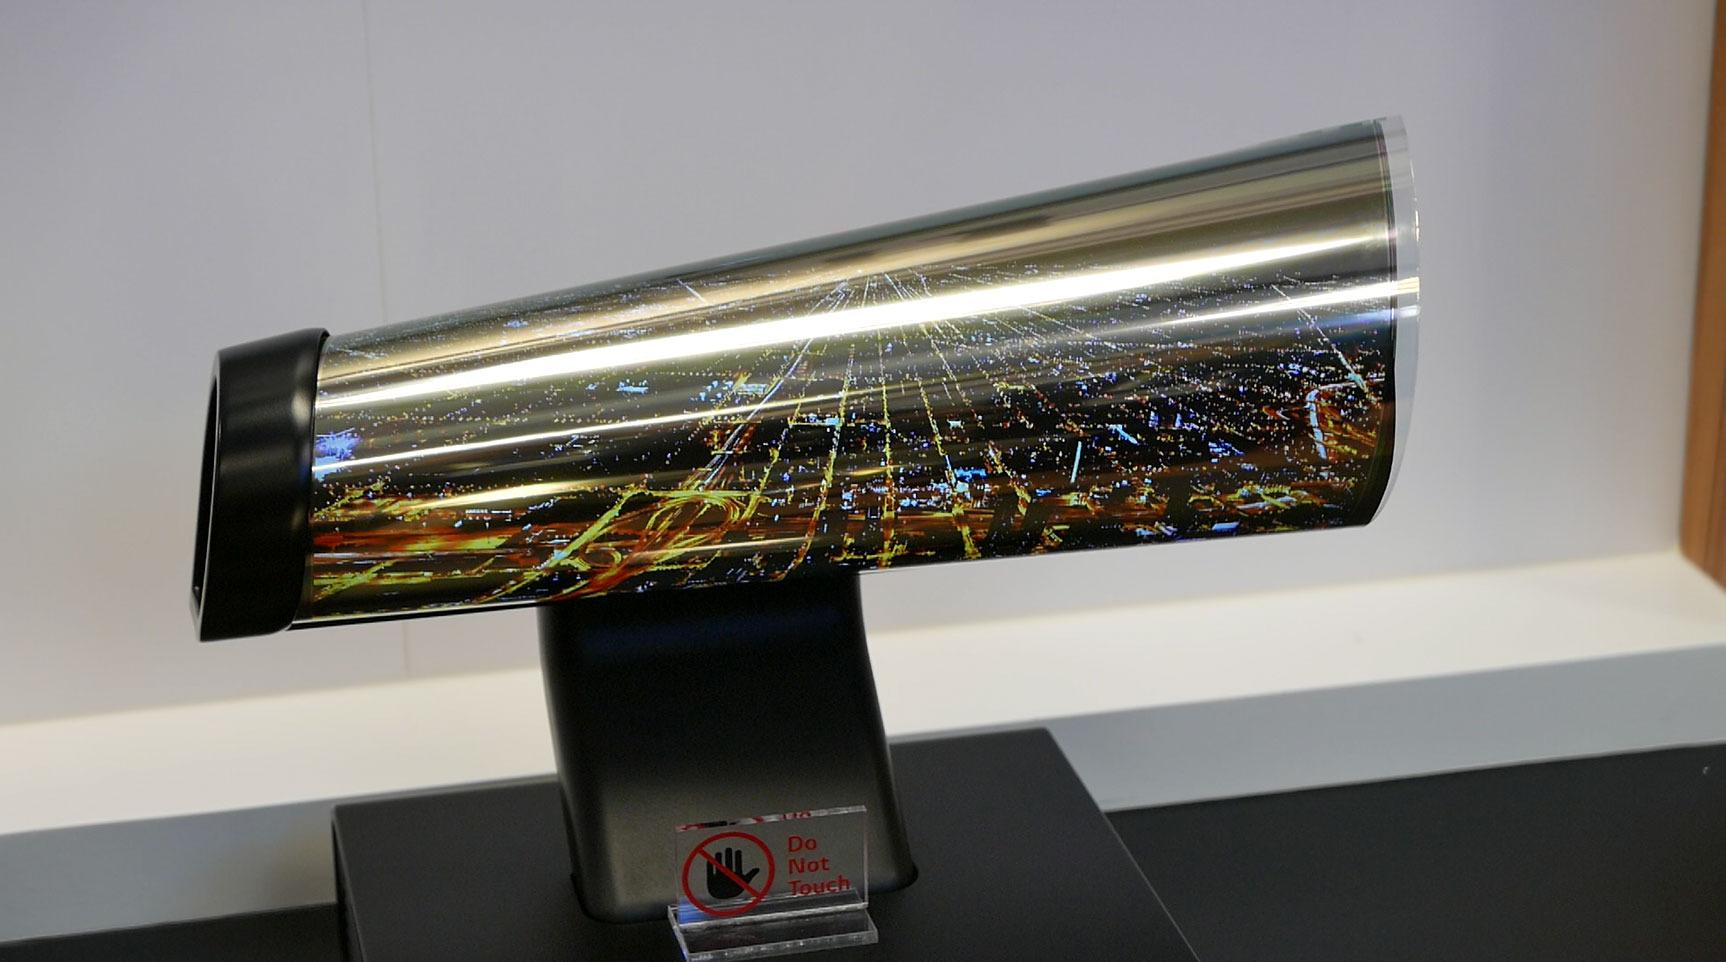 LG planlegger å masseprodusere TV-er som dette